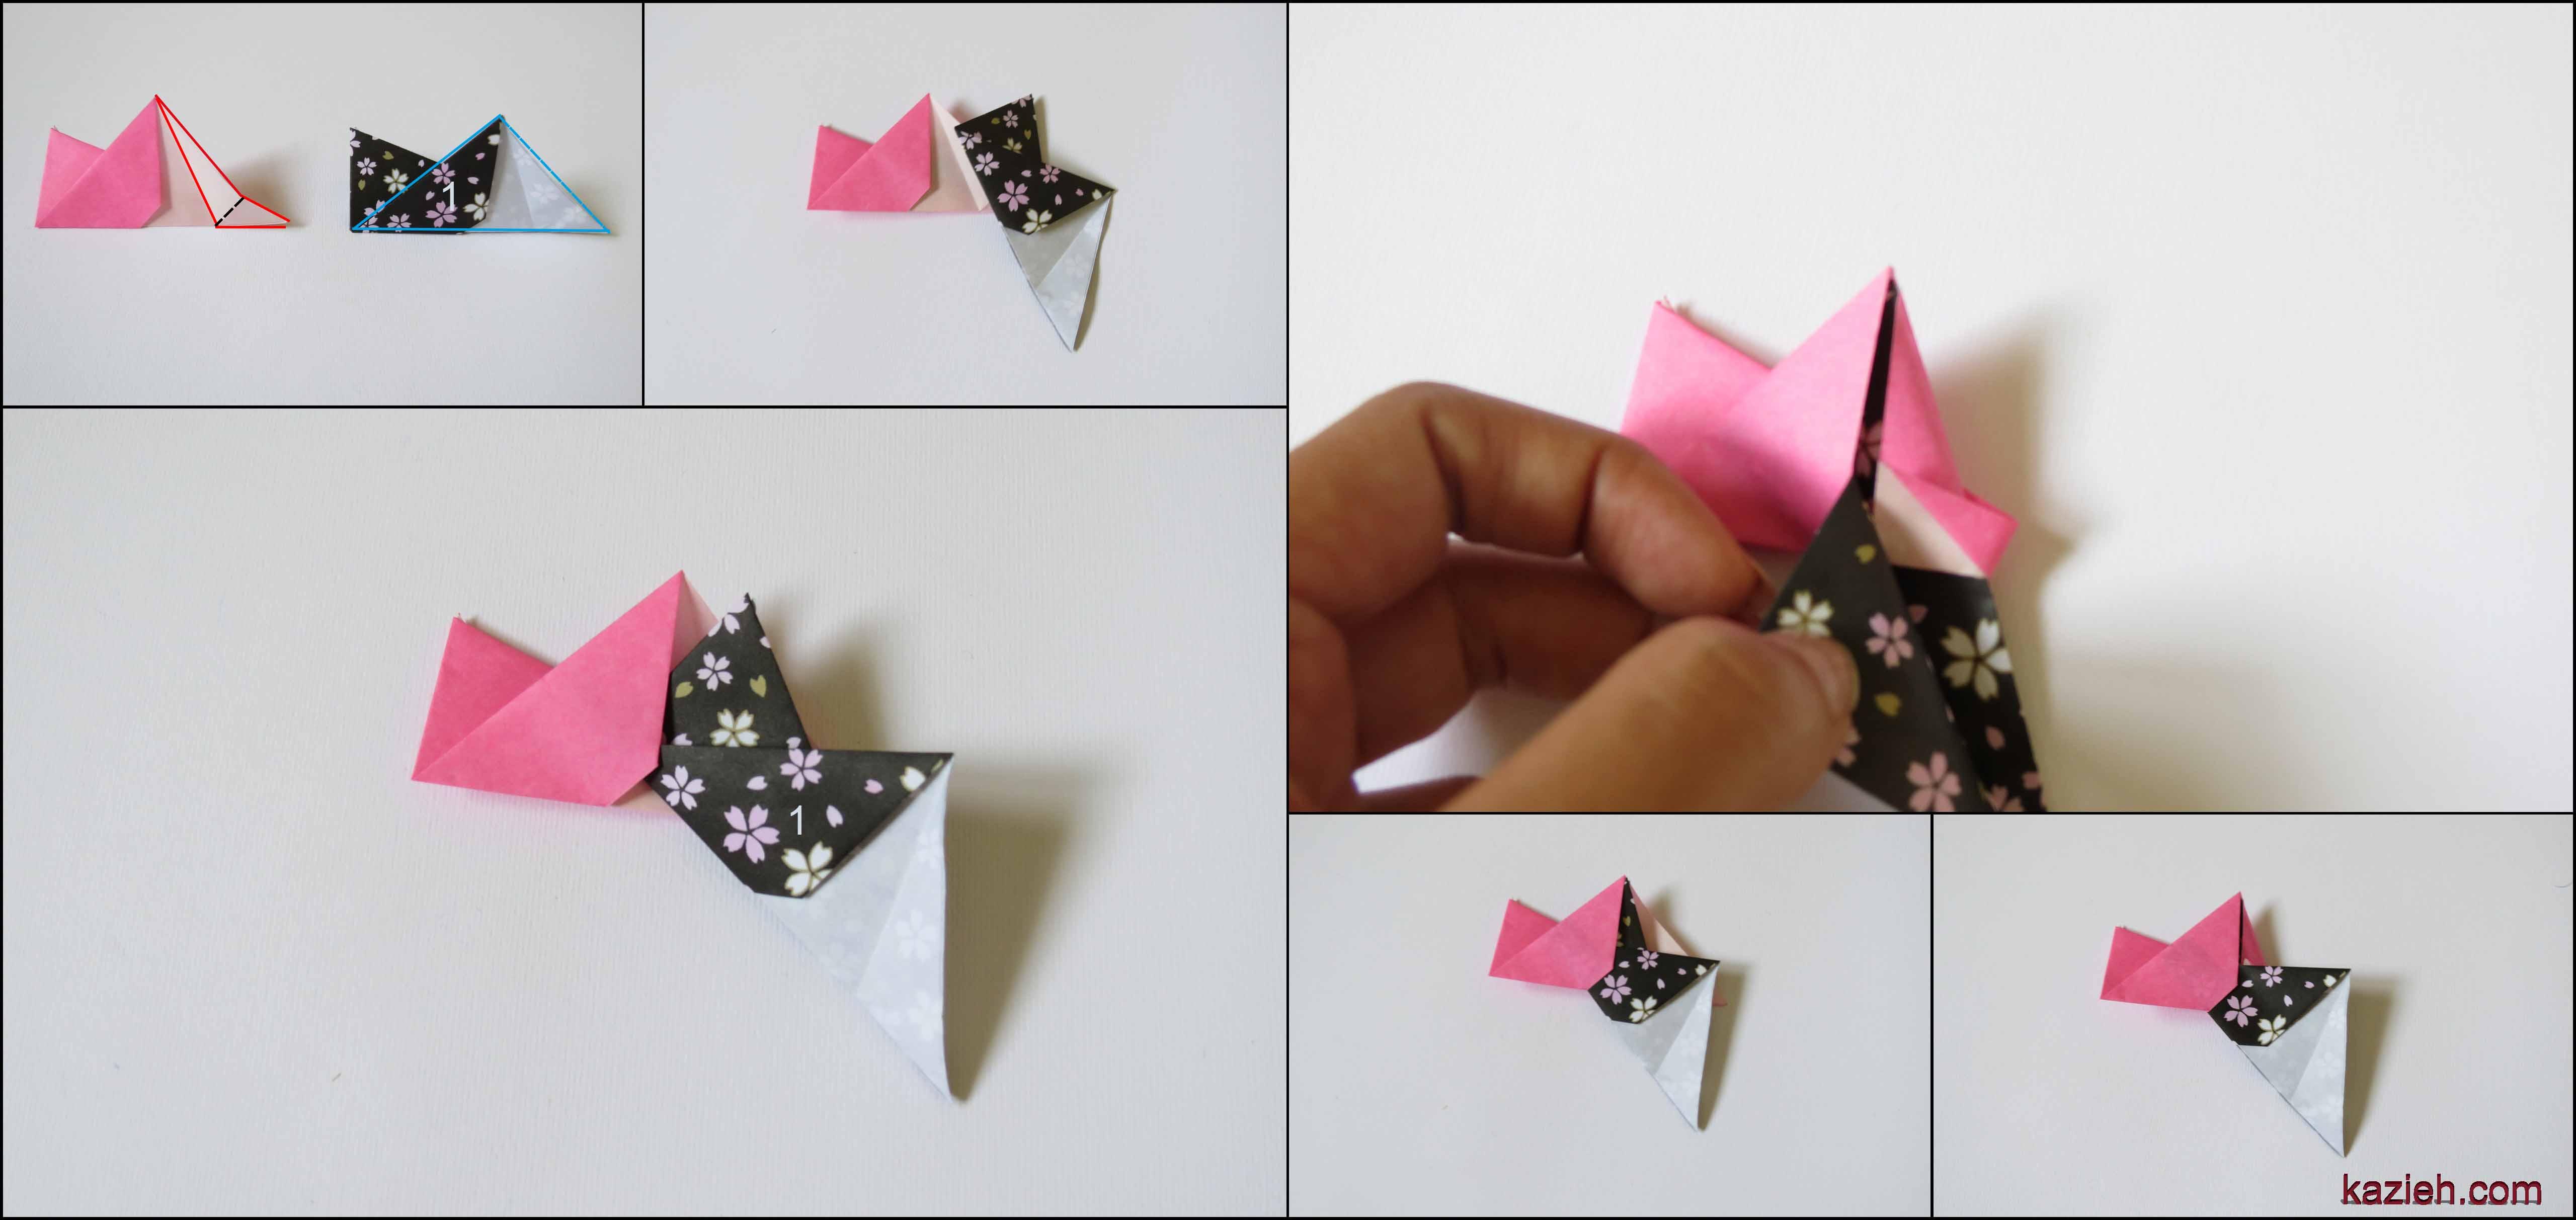 آموزش ستاره اوریگامی رابین- مرحله چهارم- اتصال واحدها - کازیه